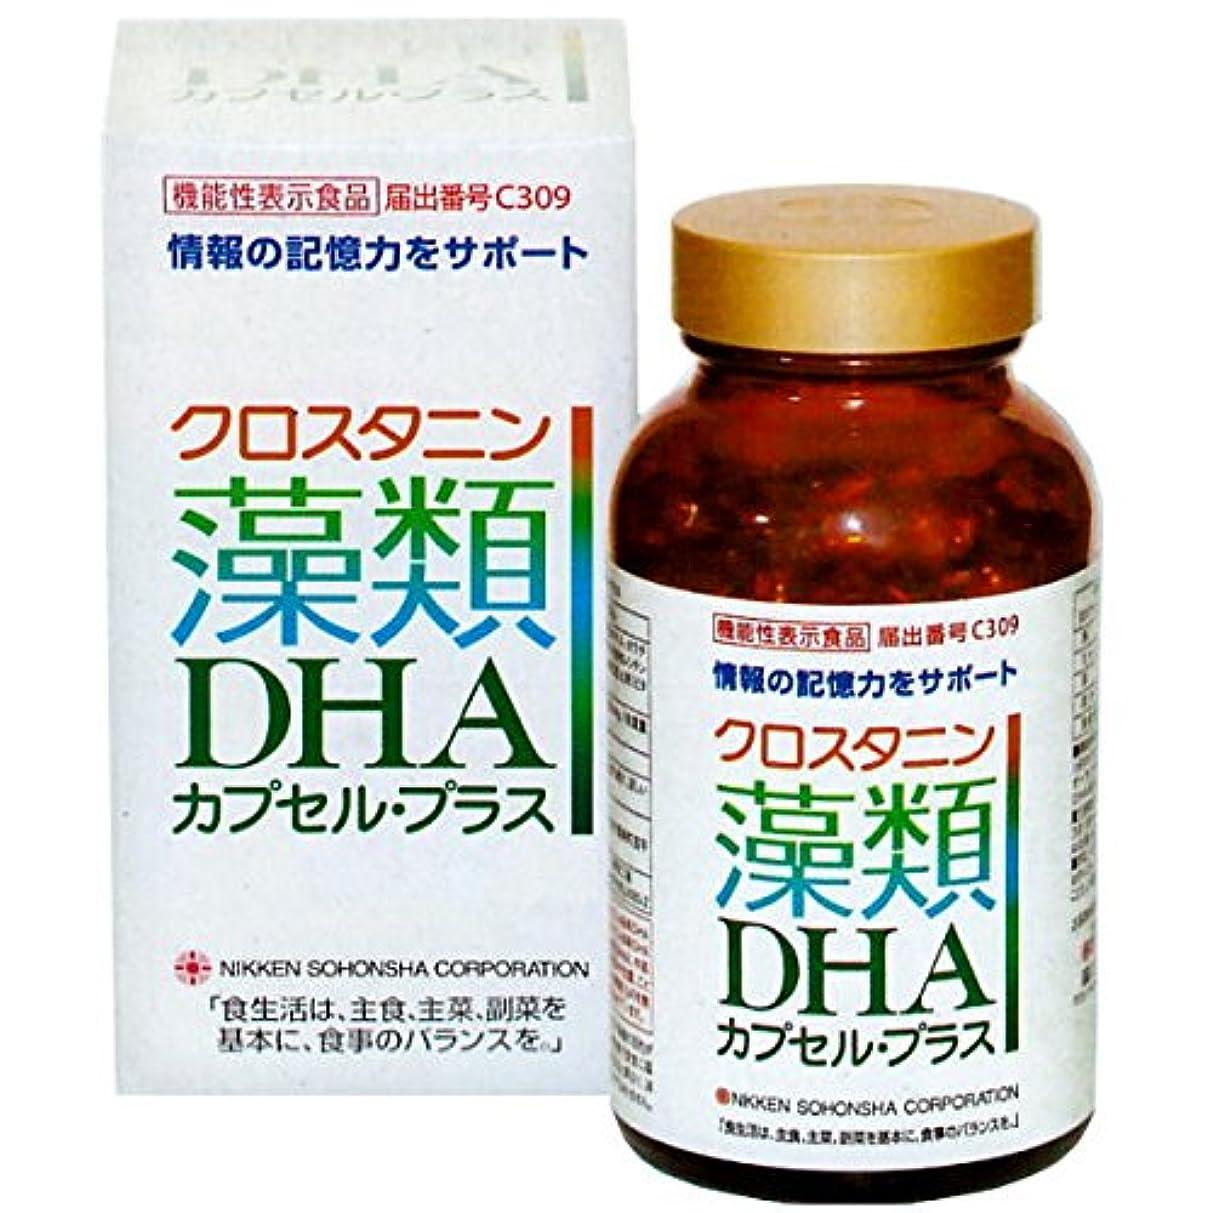 寄託動機付ける正気クロスタニン 藻類DHAカプセル?プラス [機能性表示食品] 45日分 270粒